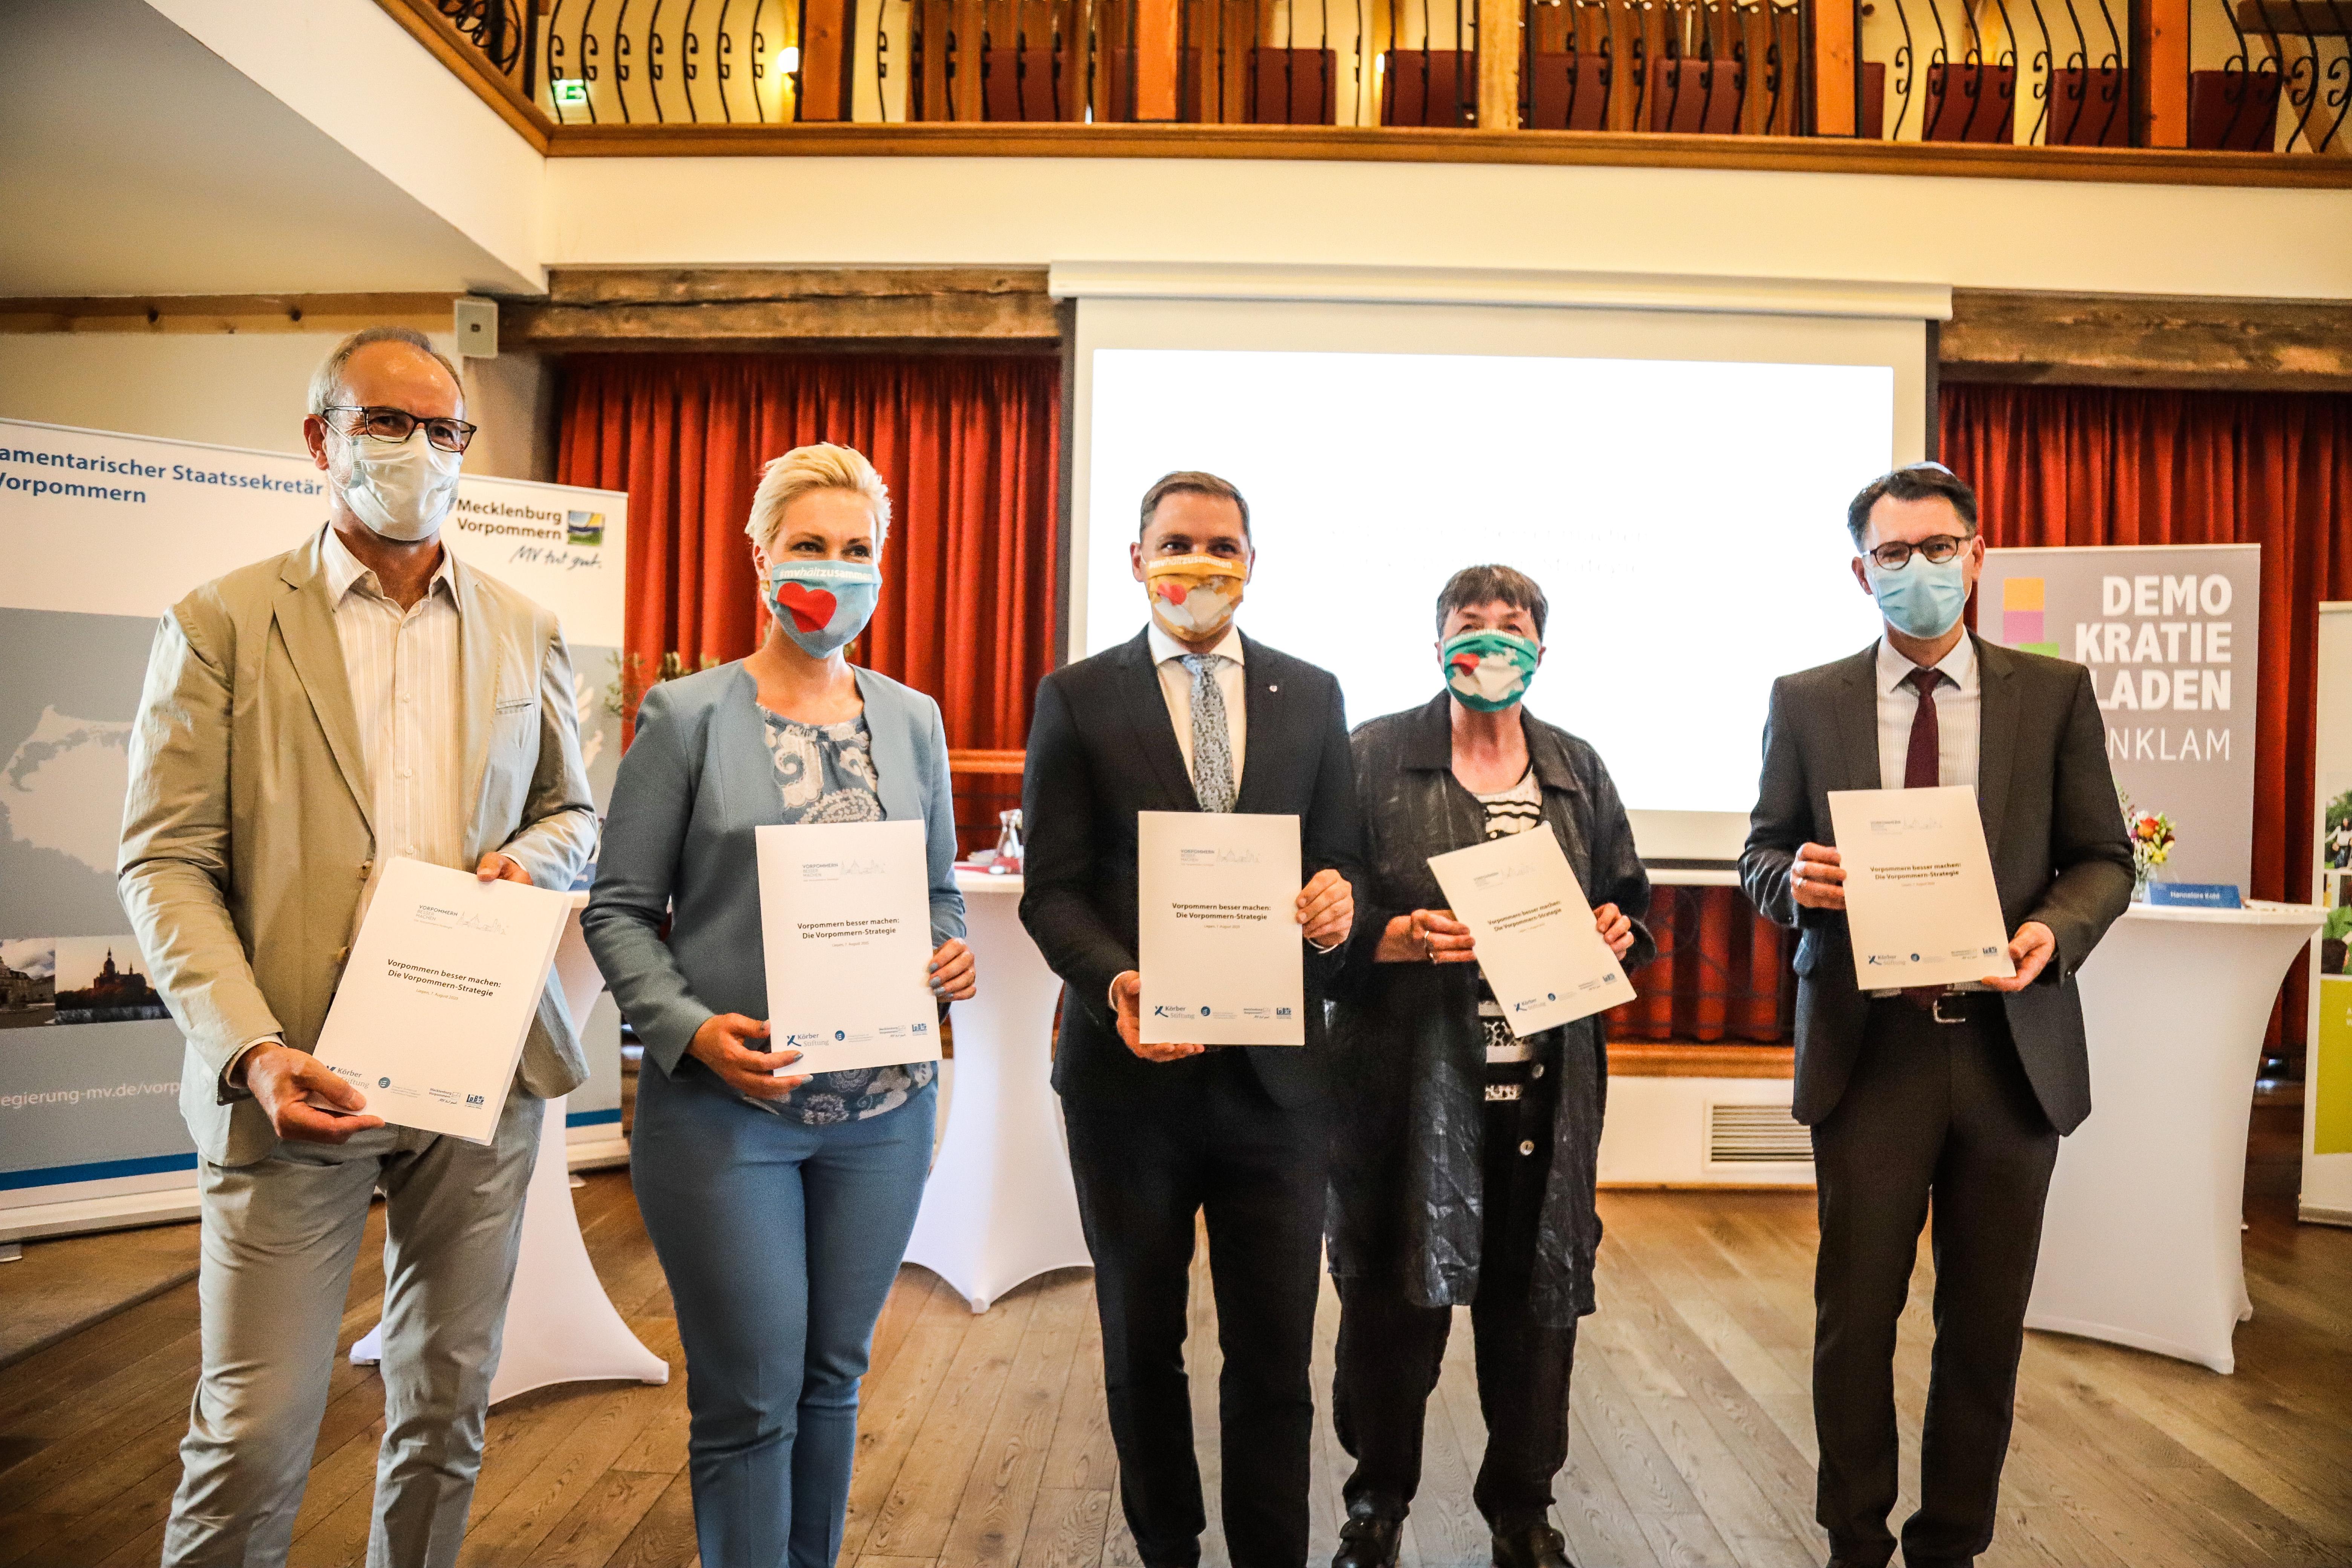 Foto zur Unterzeichung der Vereinbarung zur Bürgerbeteiligung